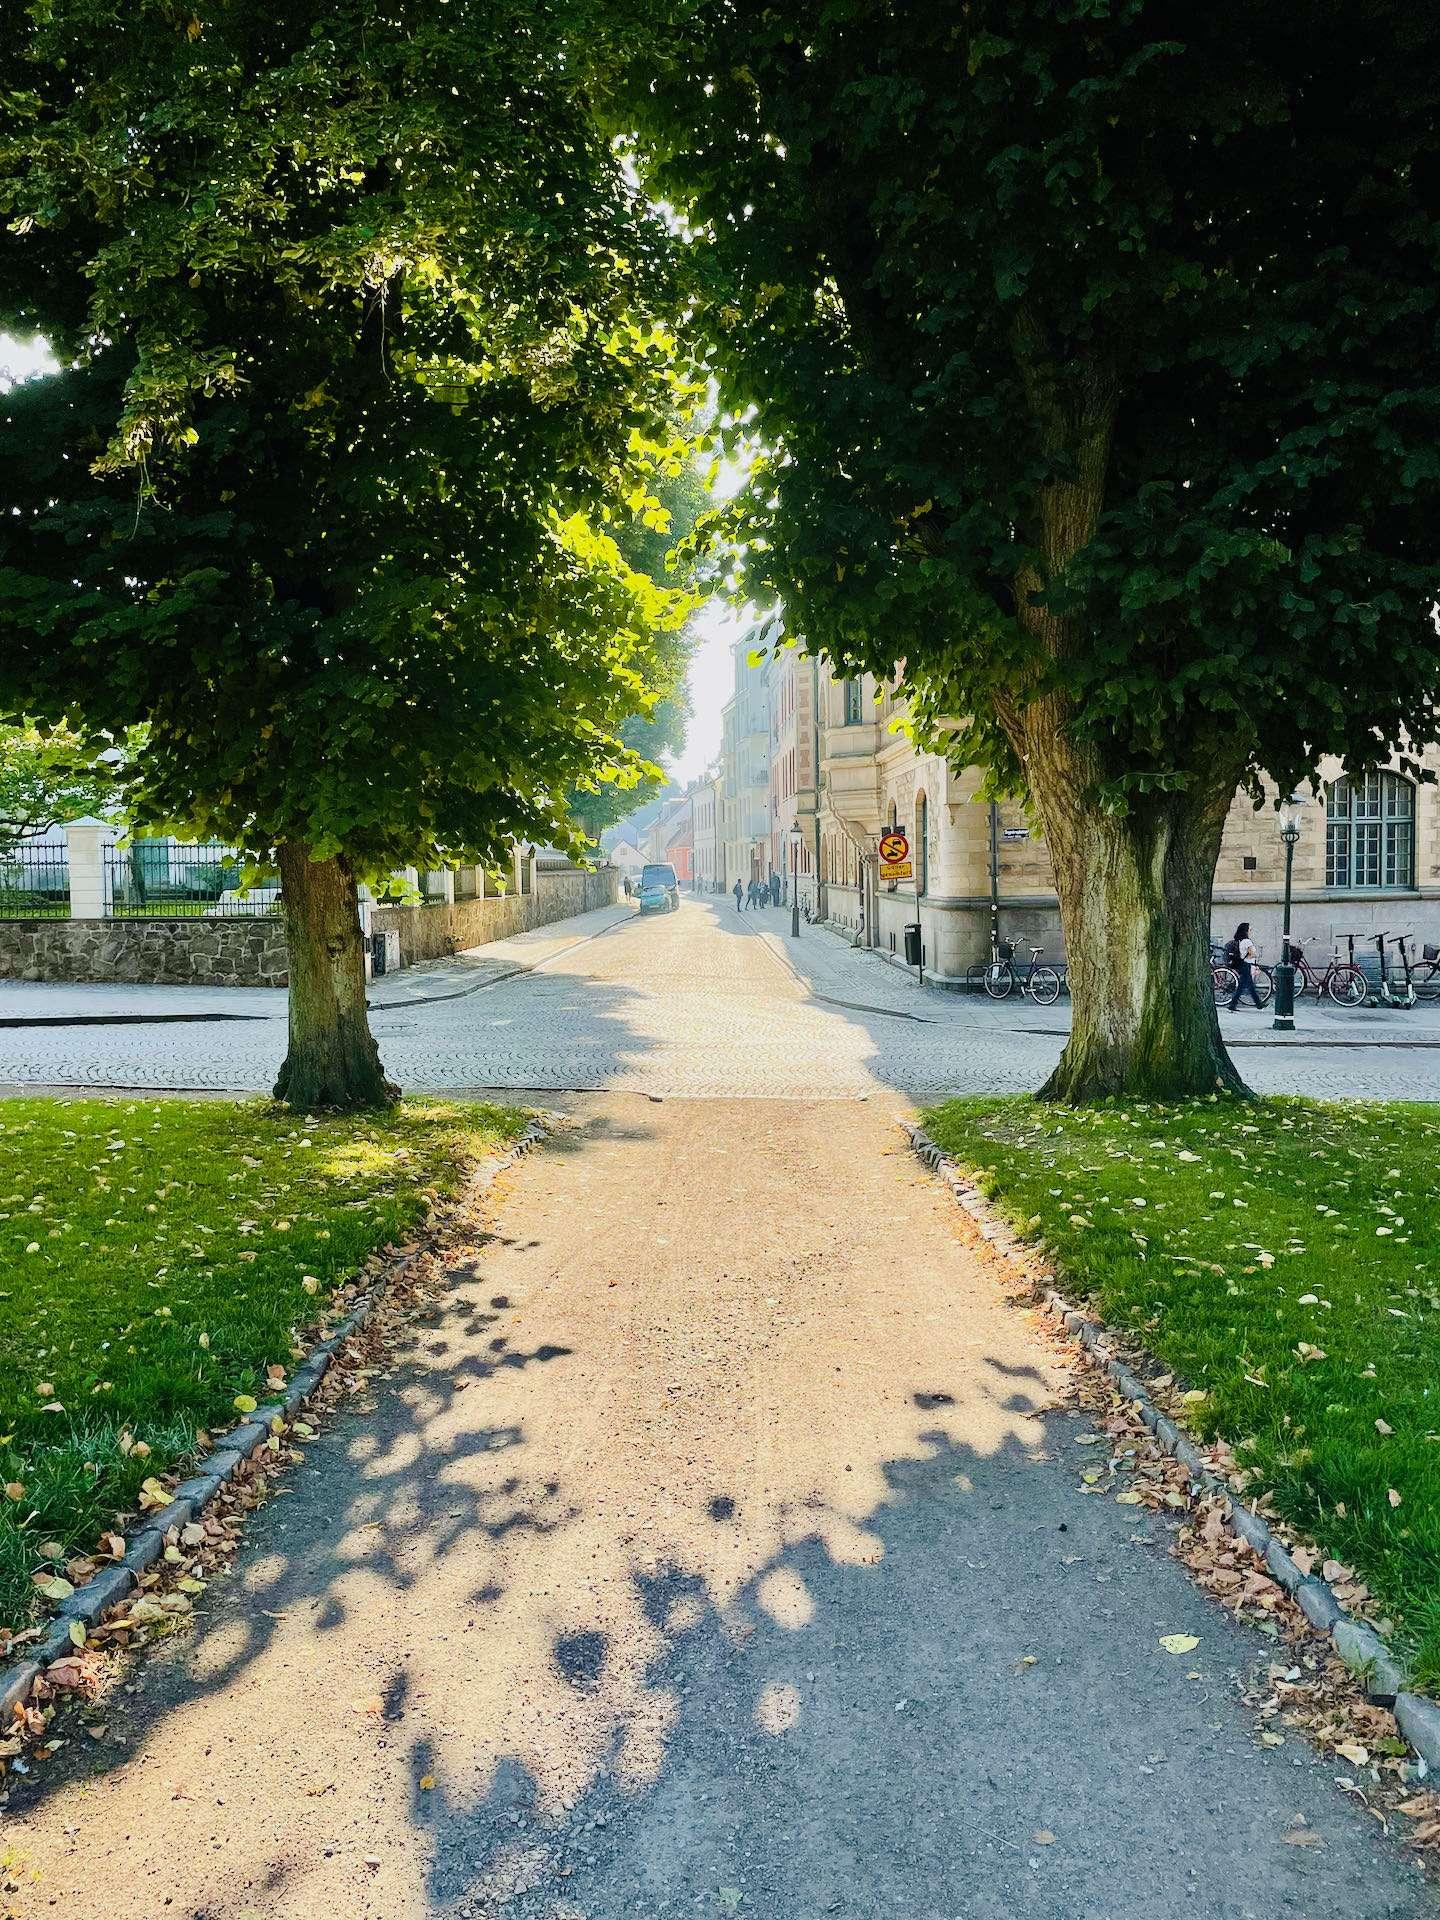 Sommarväder och sol i Lund.